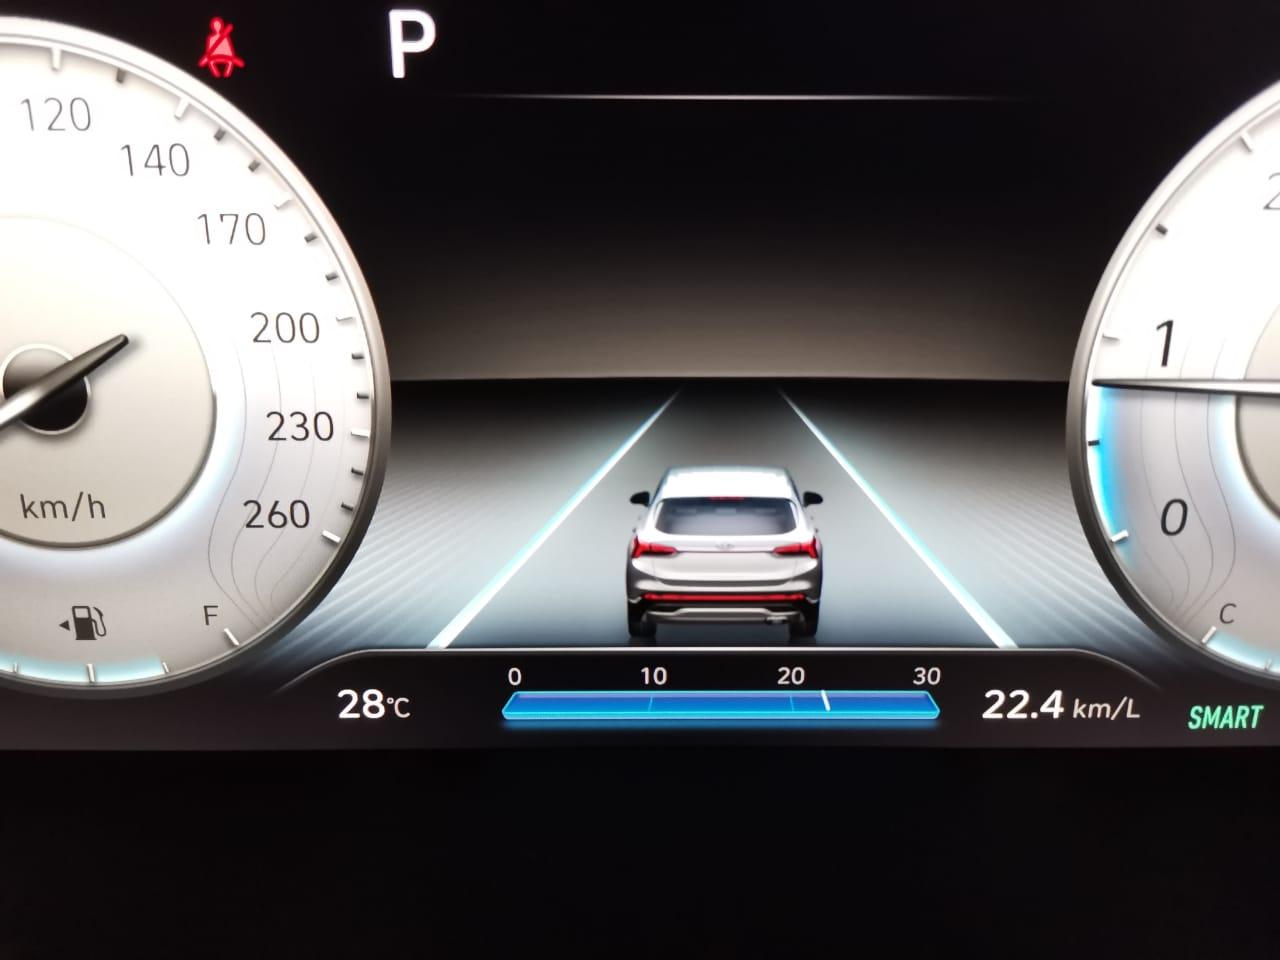 Uji Efisiensi New Hyundai Santa Fe, Segini Hasilnya